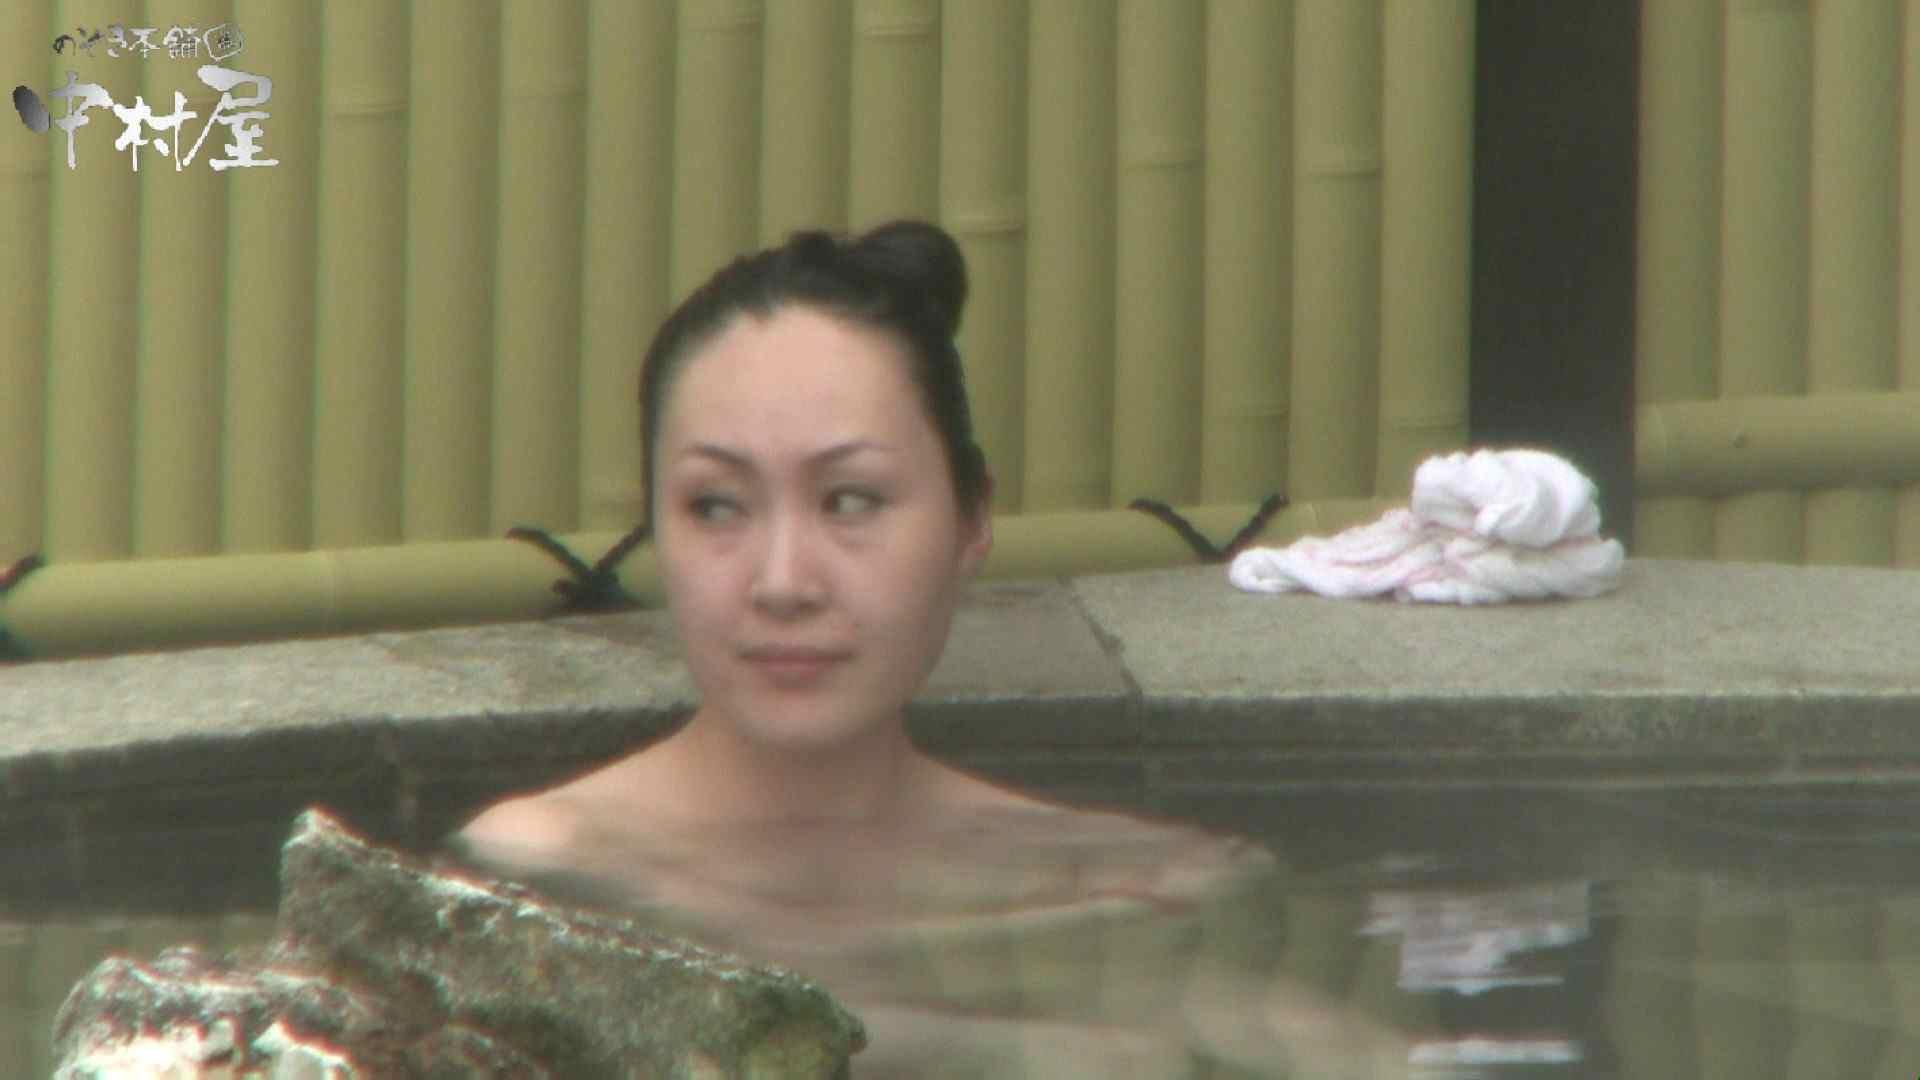 Aquaな露天風呂Vol.956